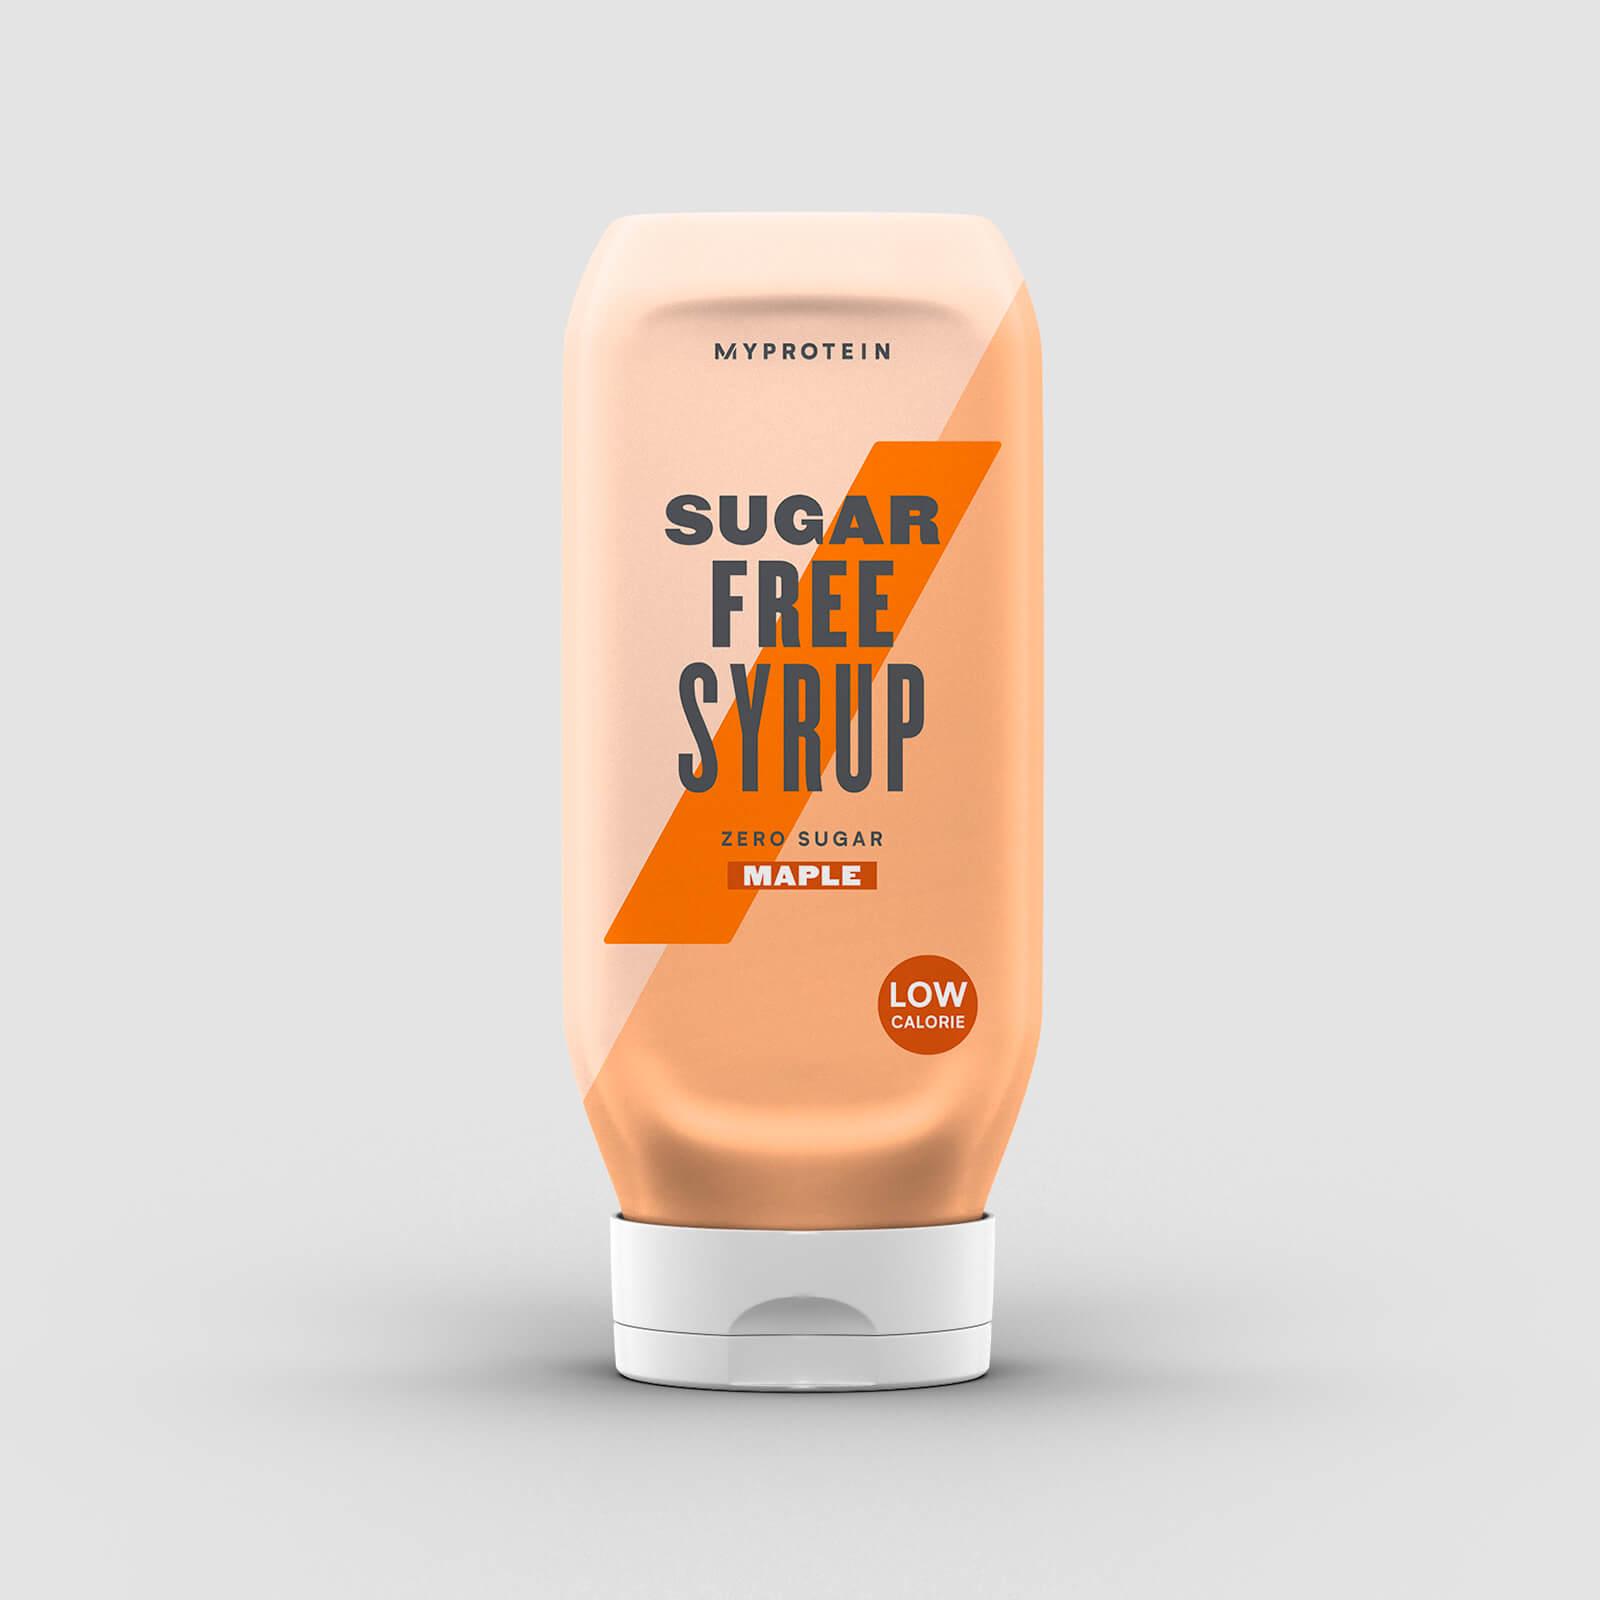 Купить Сироп без сахара - 400ml - Кленовый сироп, Myprotein International